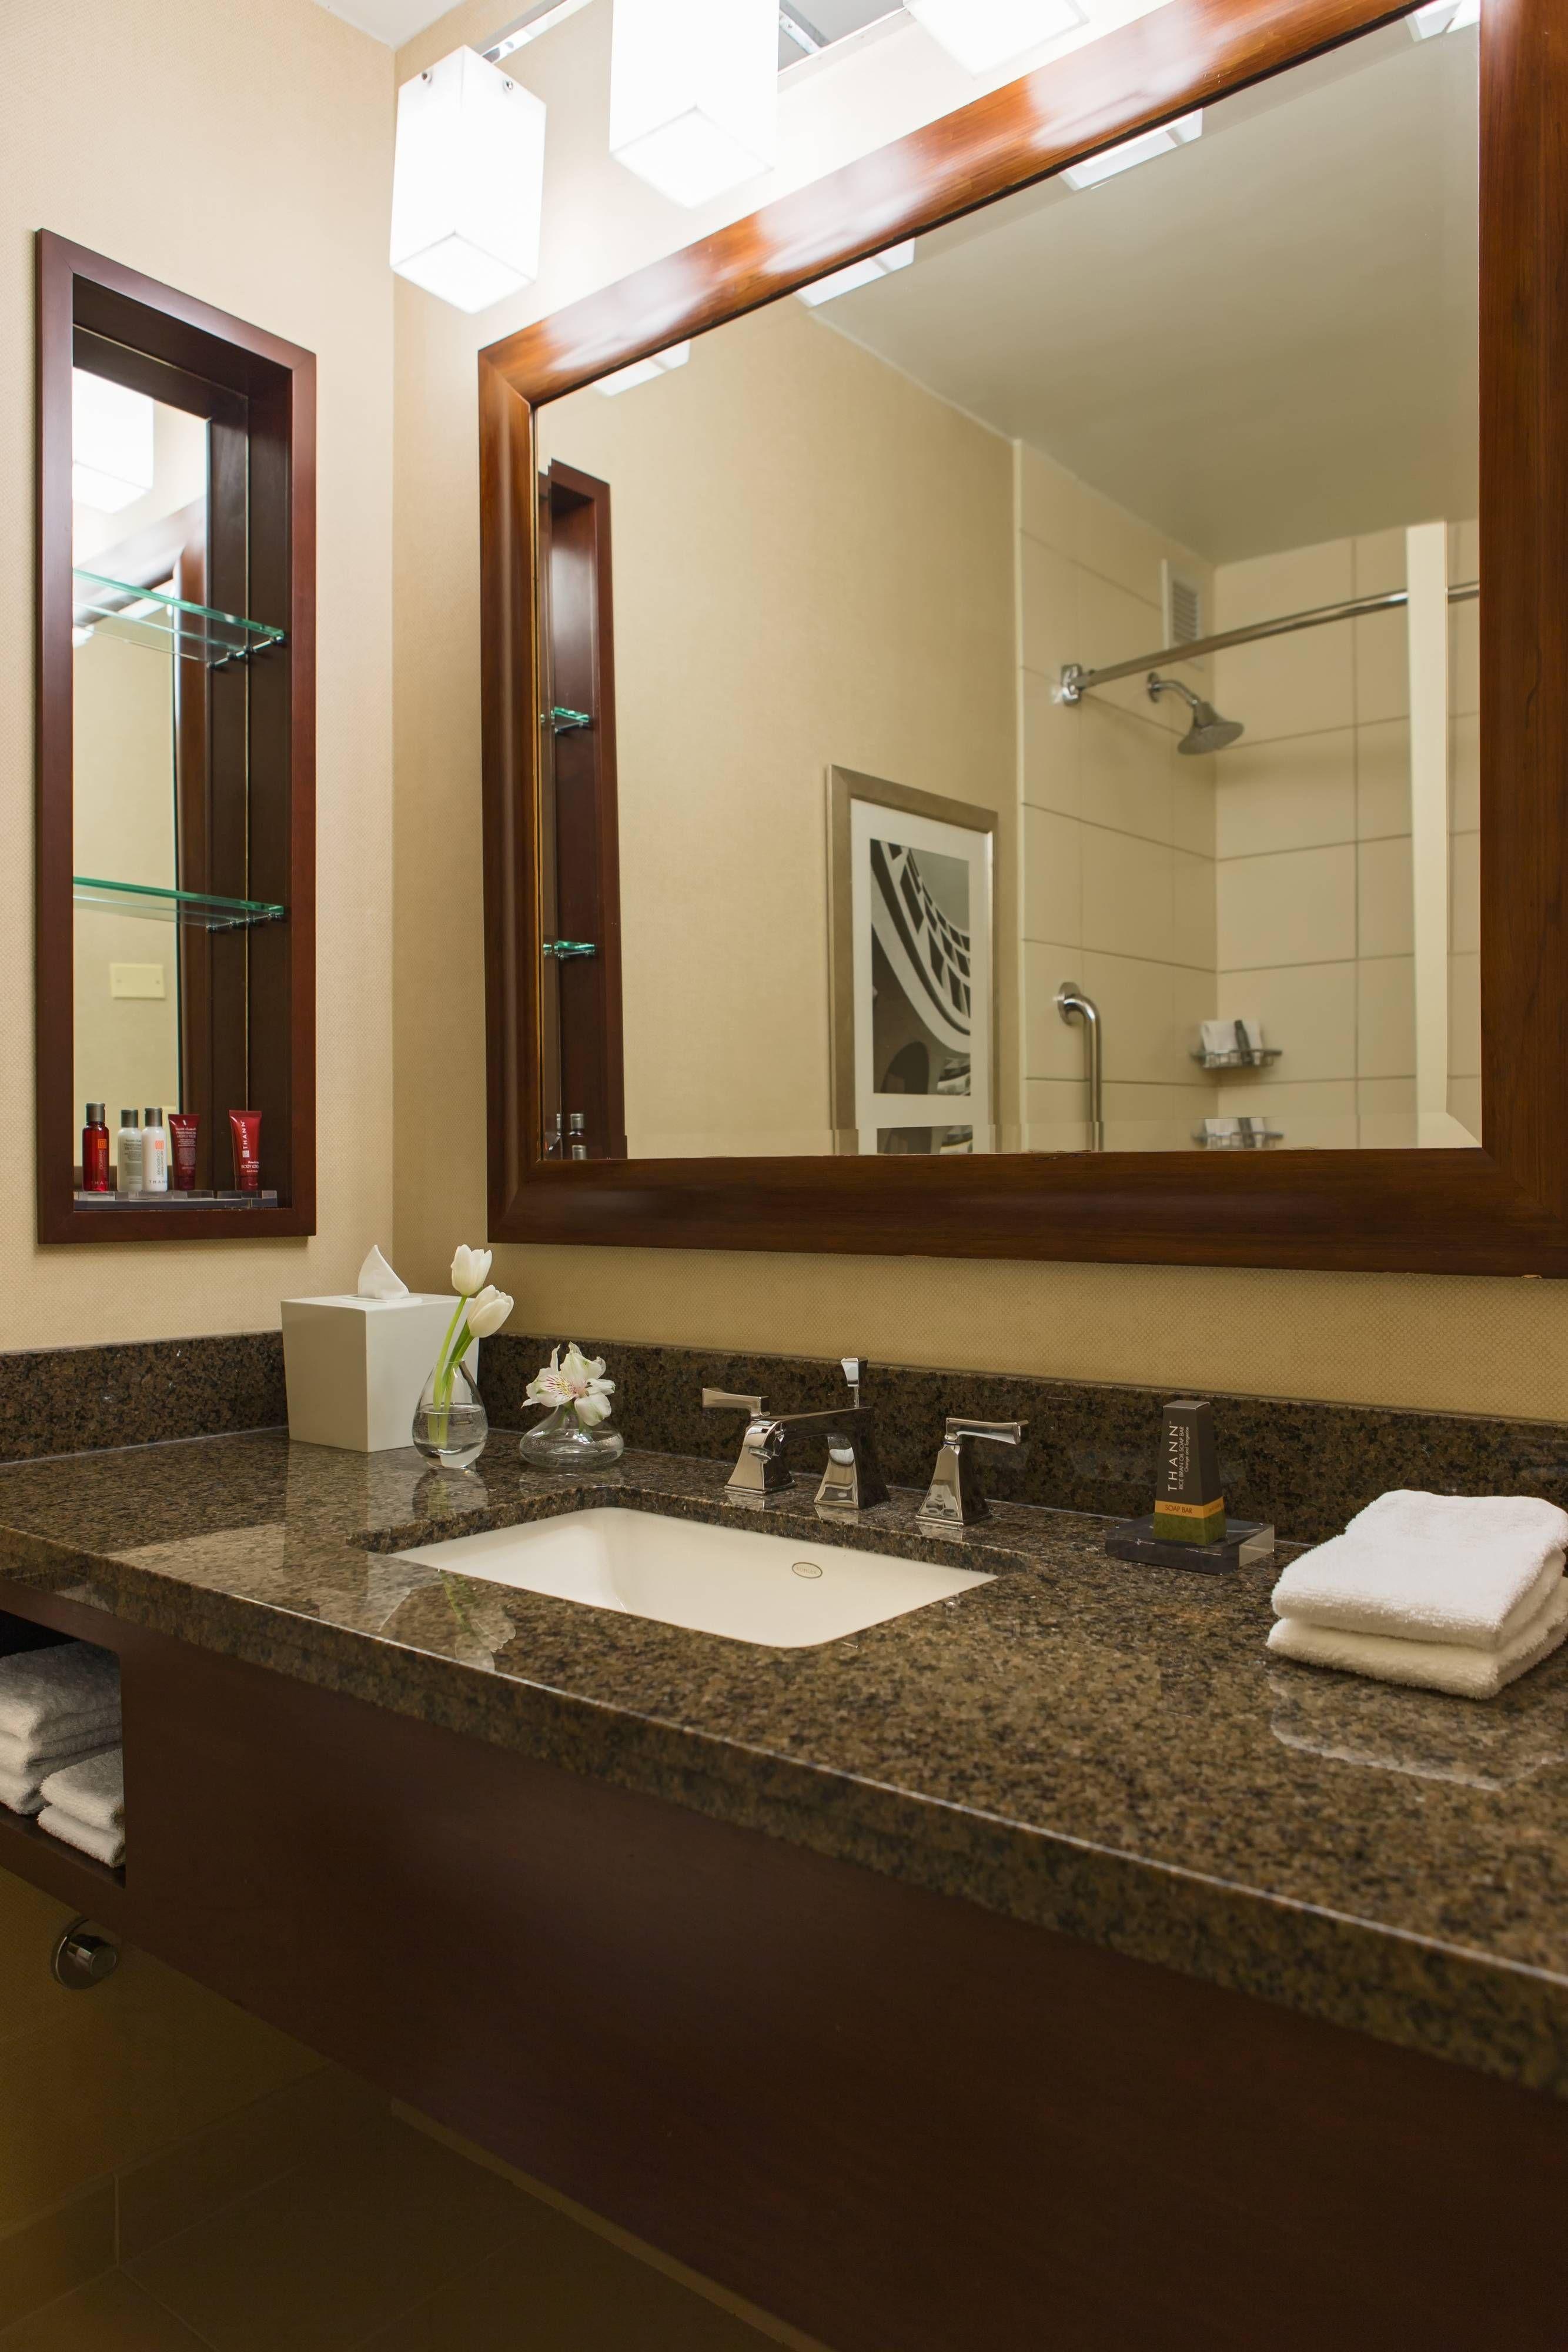 Chicago Marriott Oak Brook Suite Bathroom GuestRoom,